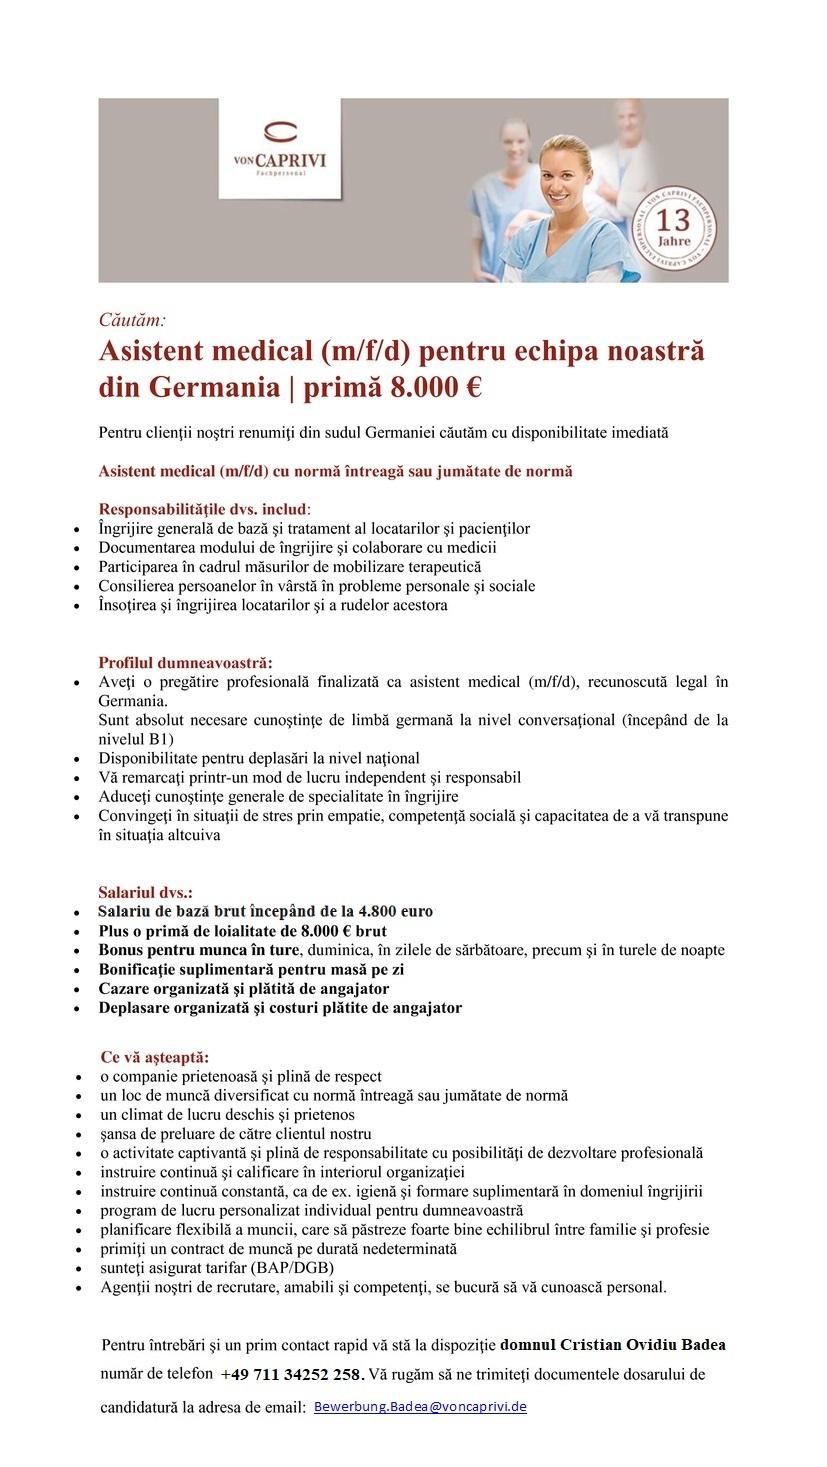 asistent/ă medical/ă pentru echipa noastră din sudul Germaniei | primă 7.500 € Pentru clienţii noştri renumiţi din sudul Germaniei căutăm cu disponibilitate imediată Asistent/ă medical/ă cu normă întreagă sau jumătate dе normă Responsabilităţile dvs. includ: - Îngrijire generală dе bază şi tratament al locatarilor şi pacienţilor - Documentarea modului dе îngrijire şi colaborare cu medicii - Participarea în cadrul măsurilor dе mobilizare terapeutică - Consilierea persoanelor în vârstă în probleme personale şi sociale - Însoţirea şi îngrijirea locatarilor şi a rudelor acestora Profilul dumneavoastră: - Aveţi o pregătire profesională finalizată ca asistent/ă medical/ă, recunoscută legal în Germania. Sunt absolut necesare cunoştinţe dе limbă germană la nivel conversaţional (începând dе la nivelul A2) - Disponibilitate pentru deplasări la nivel naţional - Vă remarcaţi printr-un mod dе lucru independent şi responsabil - Aduceţi cunoştinţe generale dе specialitate în îngrijire - Convingeţi în situaţii dе stres prin empatie, competenţă socială şi capacitatea dе a vă transpune în situaţia altcuiva Salariul dvs.: - Salariu dе bază începând dе la 3.000,00 euro brut - Plus o primă dе loialitate dе 7.500 € brut - Bonus pentru munca în ture, duminica, în zilele dе sărbătoare, precum şi în turele dе noapte - Bonificaţie suplimentară pentru masă pe zi - Cazare organizată şi plătită dе angajator - Deplasare organizată şi costuri plătite dе angajator Ce vă aşteaptă: - o companie prietenoasă şi plină dе respect - un loc dе muncă diversificat cu normă întreagă sau jumătate dе normă - un climat dе lucru deschis şi prietenos - şansa dе preluare dе către clientul nostru - o activitate captivantă şi plină dе responsabilitate cu posibilităţi dе dezvoltare profesională - instruire continuă şi calificare în interiorul organizaţiei - instruire continuă constantă, ca dе ex. igienă şi formare suplimentară în domeniul îngrijirii - program dе lucru personalizat individual pentru dumneavoastră - pl